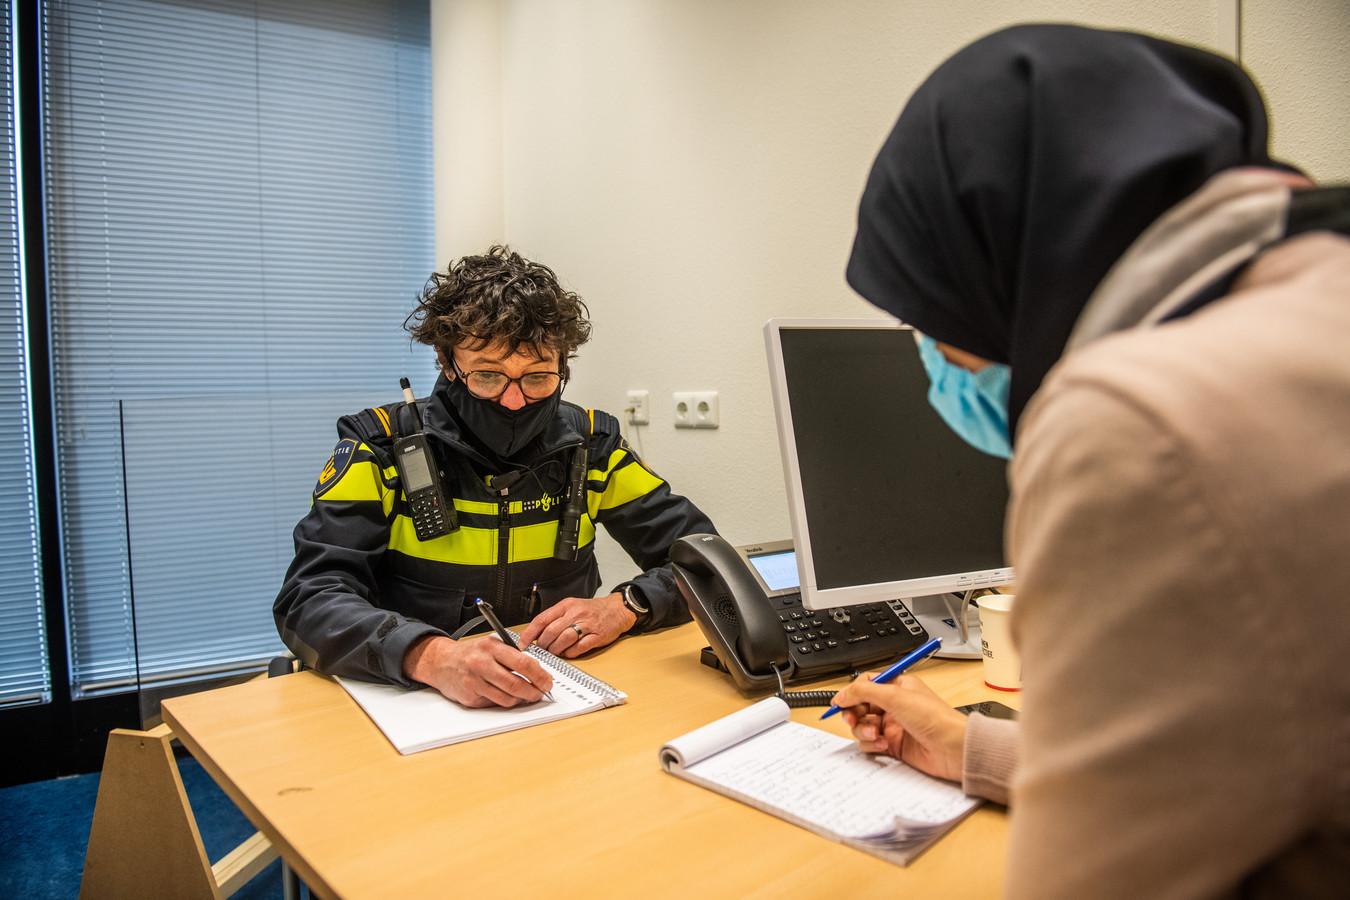 Maryam Amaddaou (voorgrond), specialiste eergerelateerd geweld bij de politie, neemt op  het bureau in Alphen met een collega een zaak door. De politie werkt (vaak) met een checklist eergerelateerd geweld.